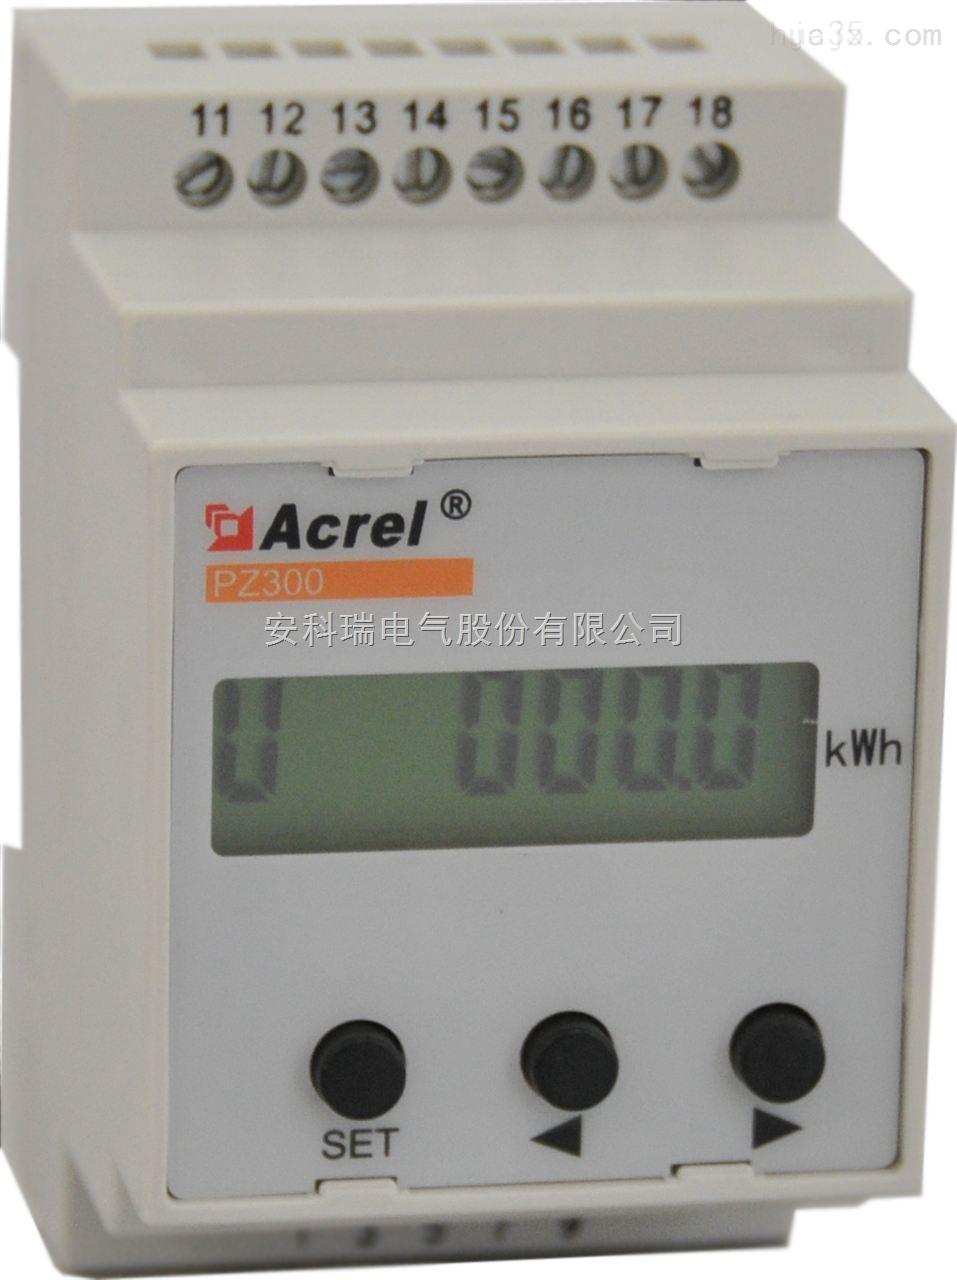 安科瑞 PZ300-E4/C 导轨式经济型多功能网络仪表